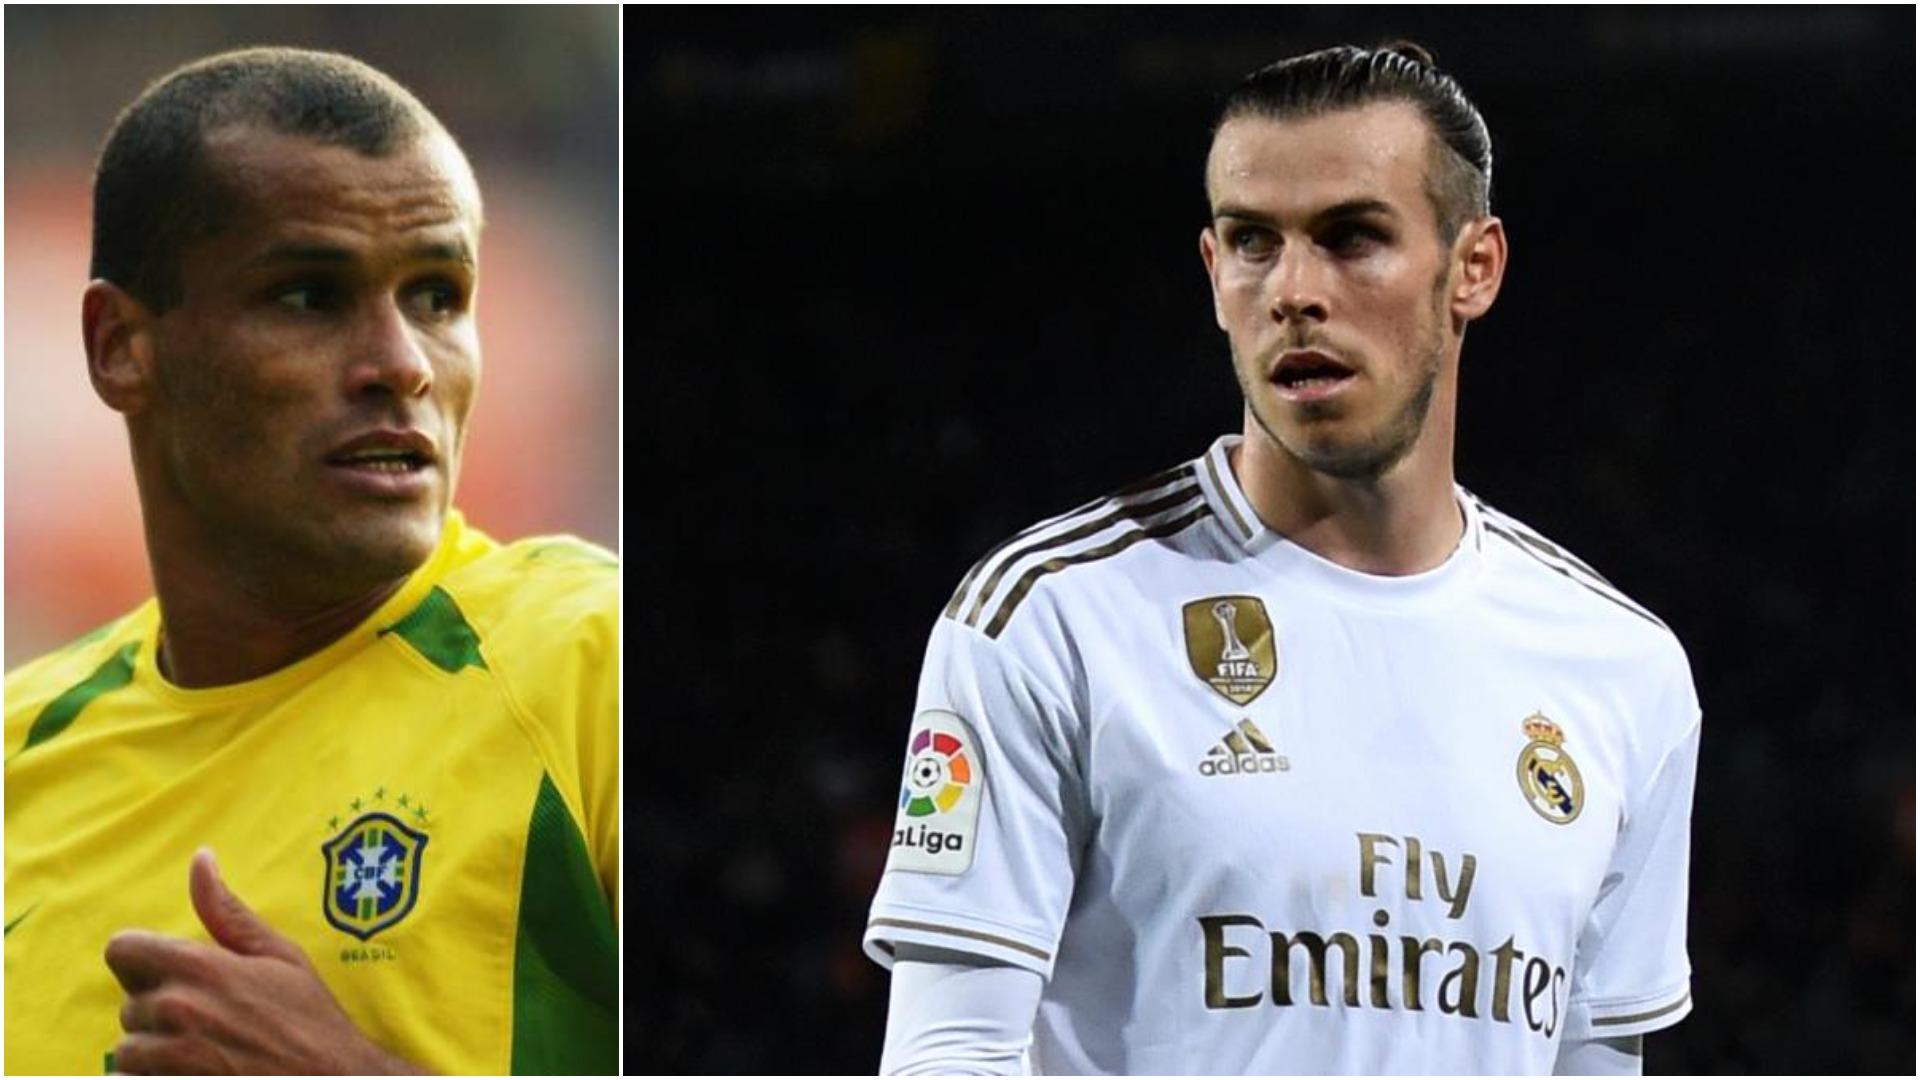 Rivaldo flet hapur, lëshon deklaratën e papritur për Gareth Bale